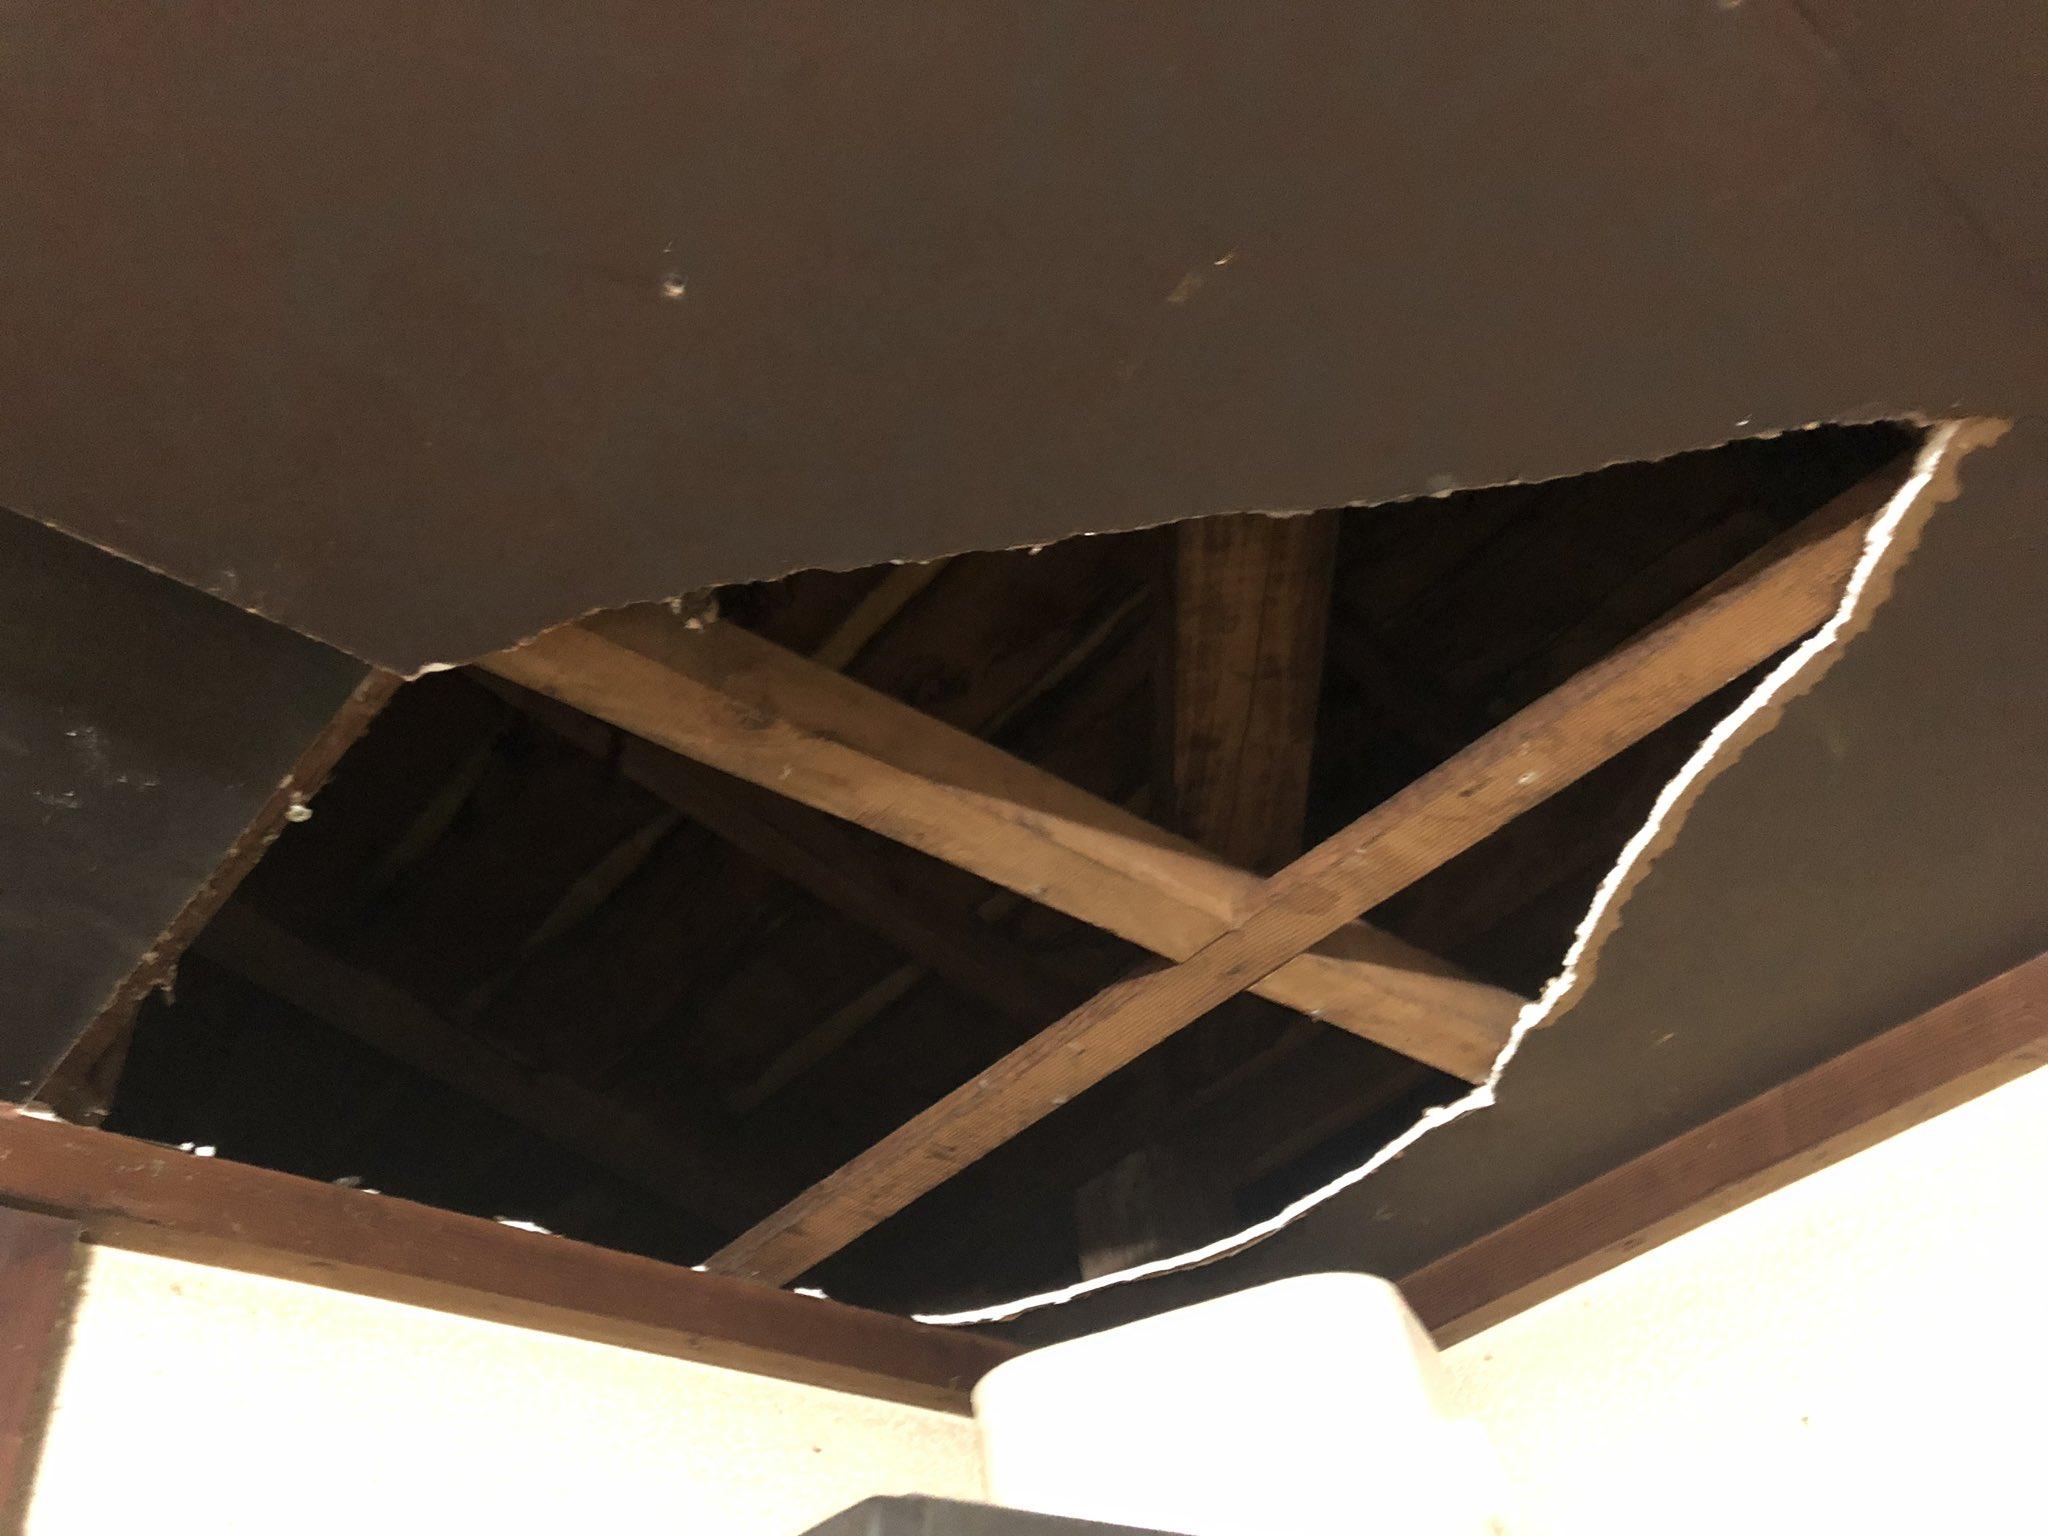 台風の影響で天井から落ちてきた・不発弾!!なぜに!!